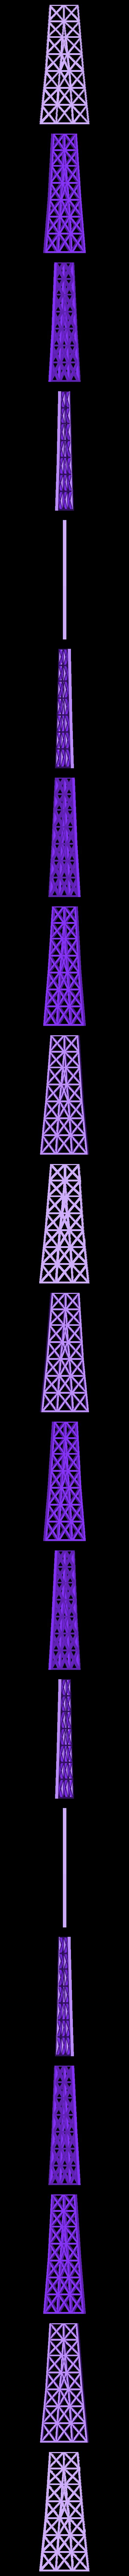 Eiffel_twr_J.stl Download free STL file Eiffel Tower HD • 3D print model, Ogubal3D